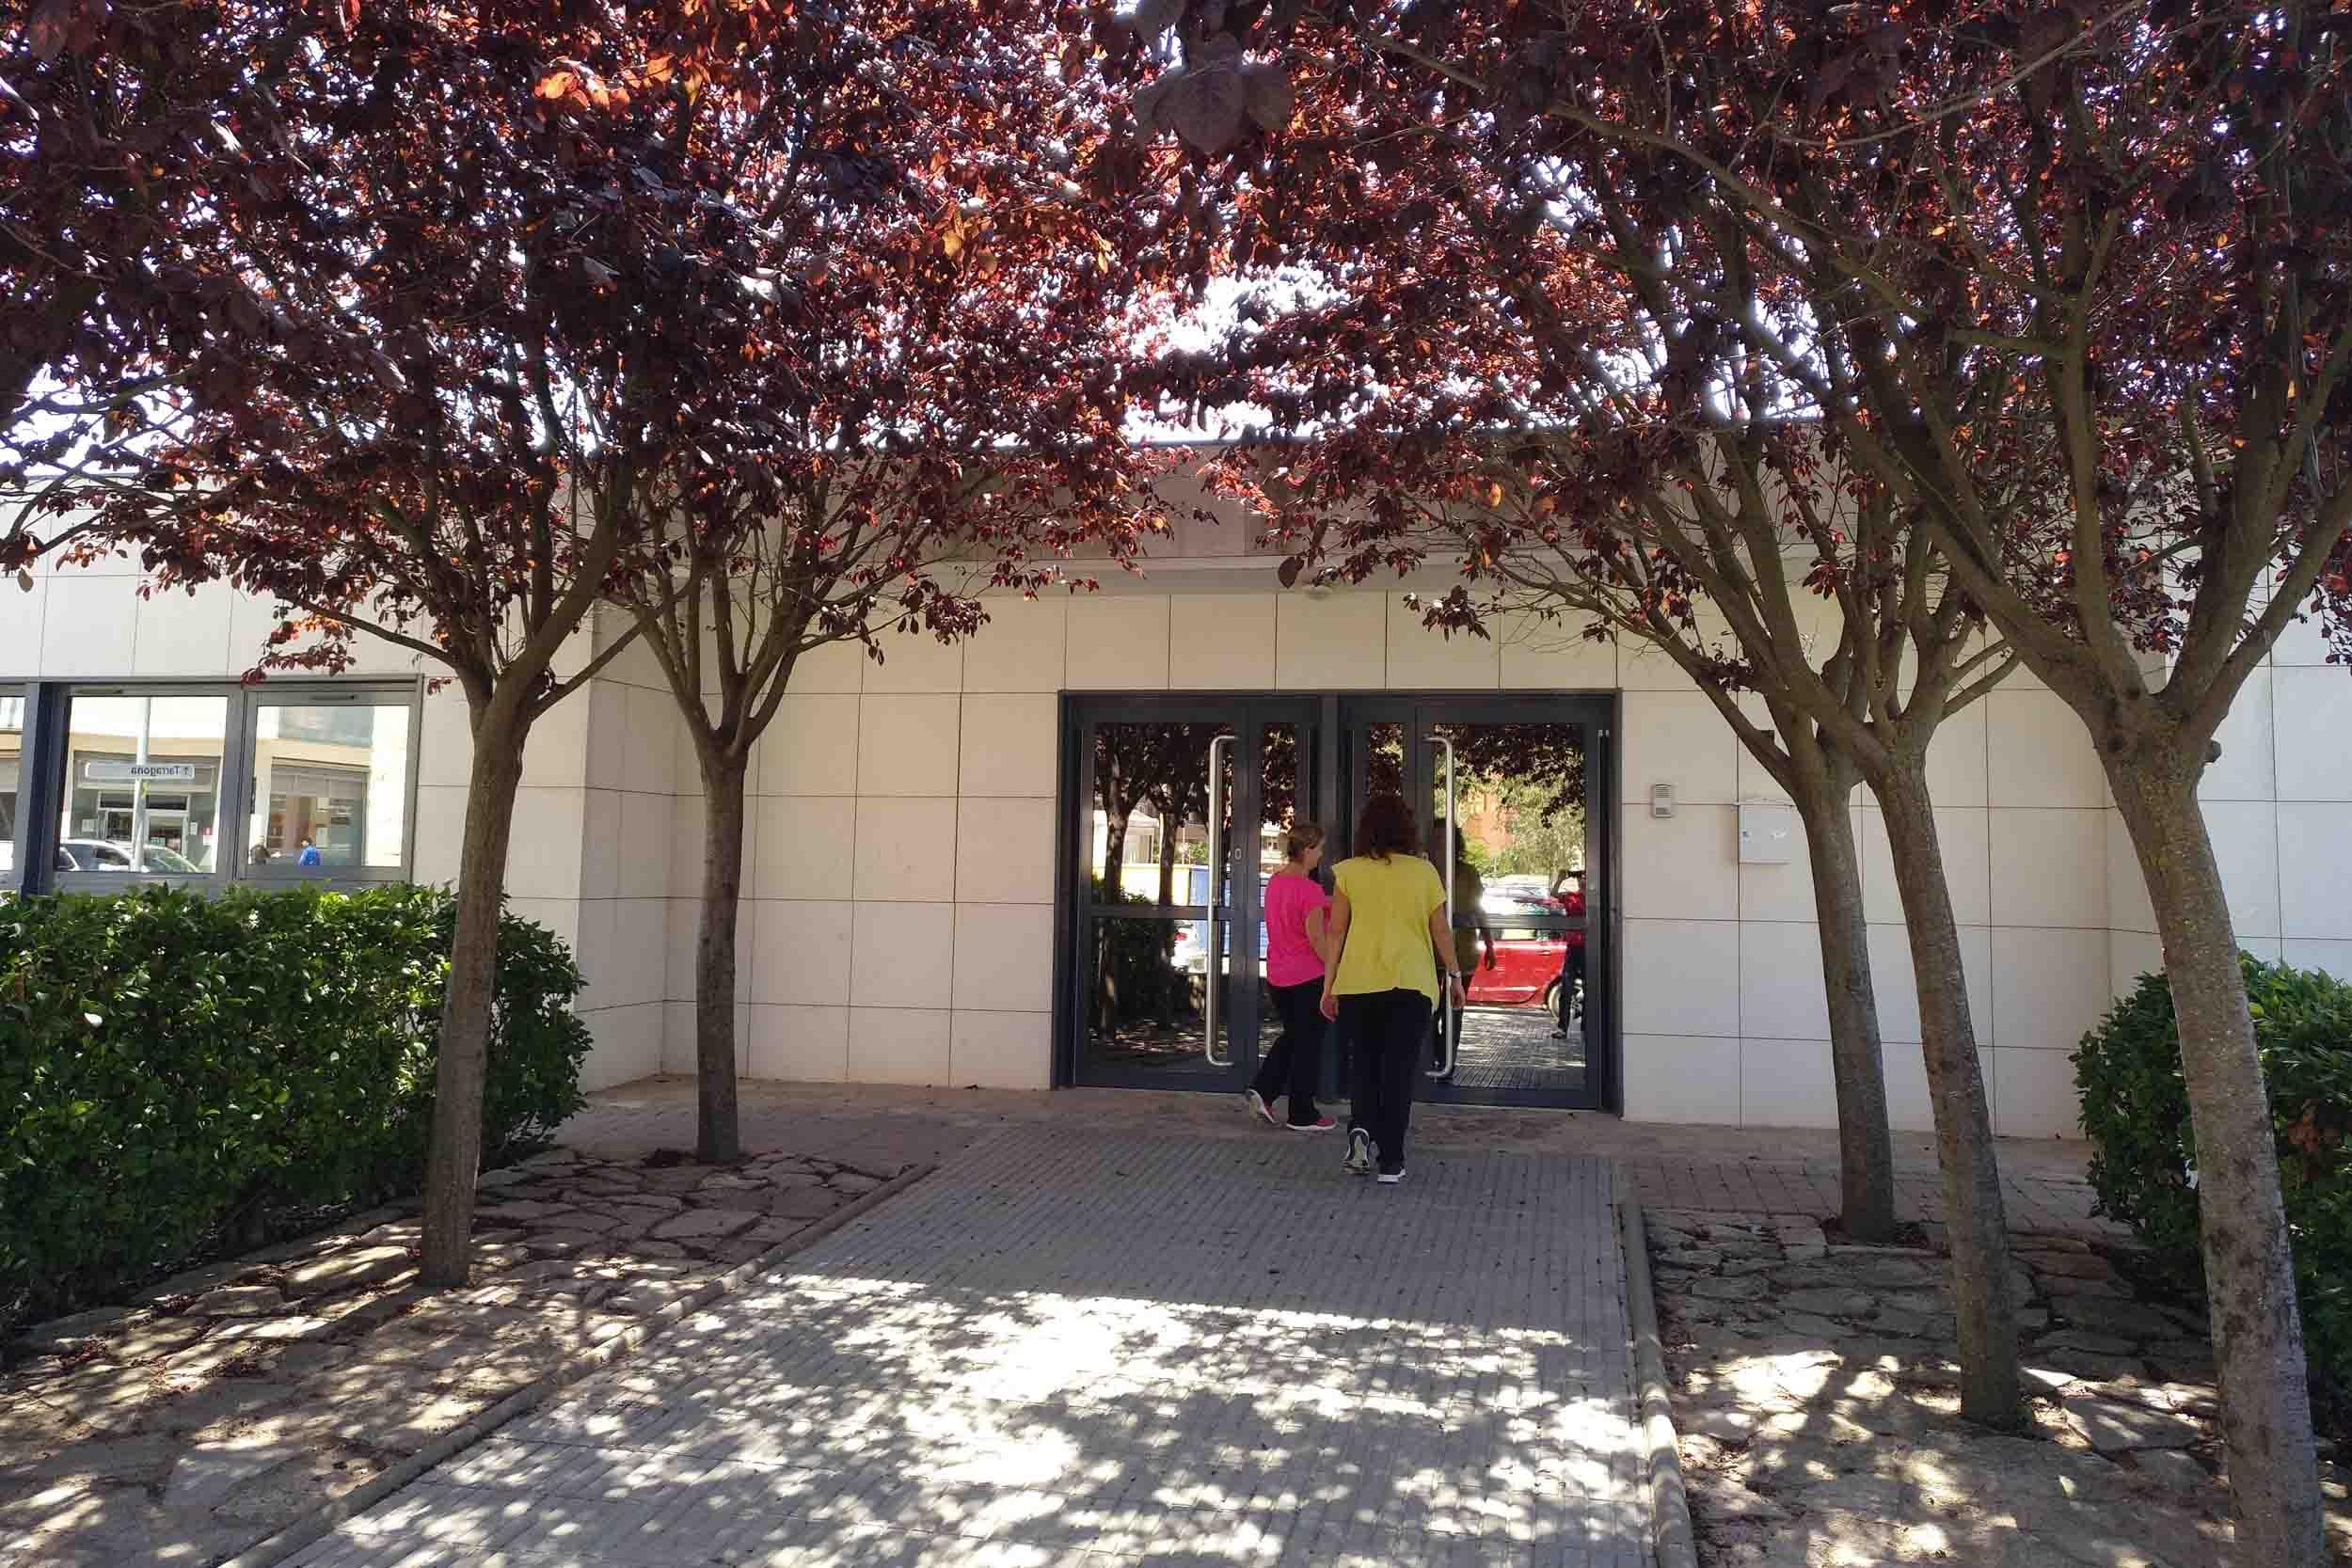 Les dues llars d'infants municipals de Tàrrega, La Pau i El Niu, inicien el nou curs amb 108La Pau i El Niu